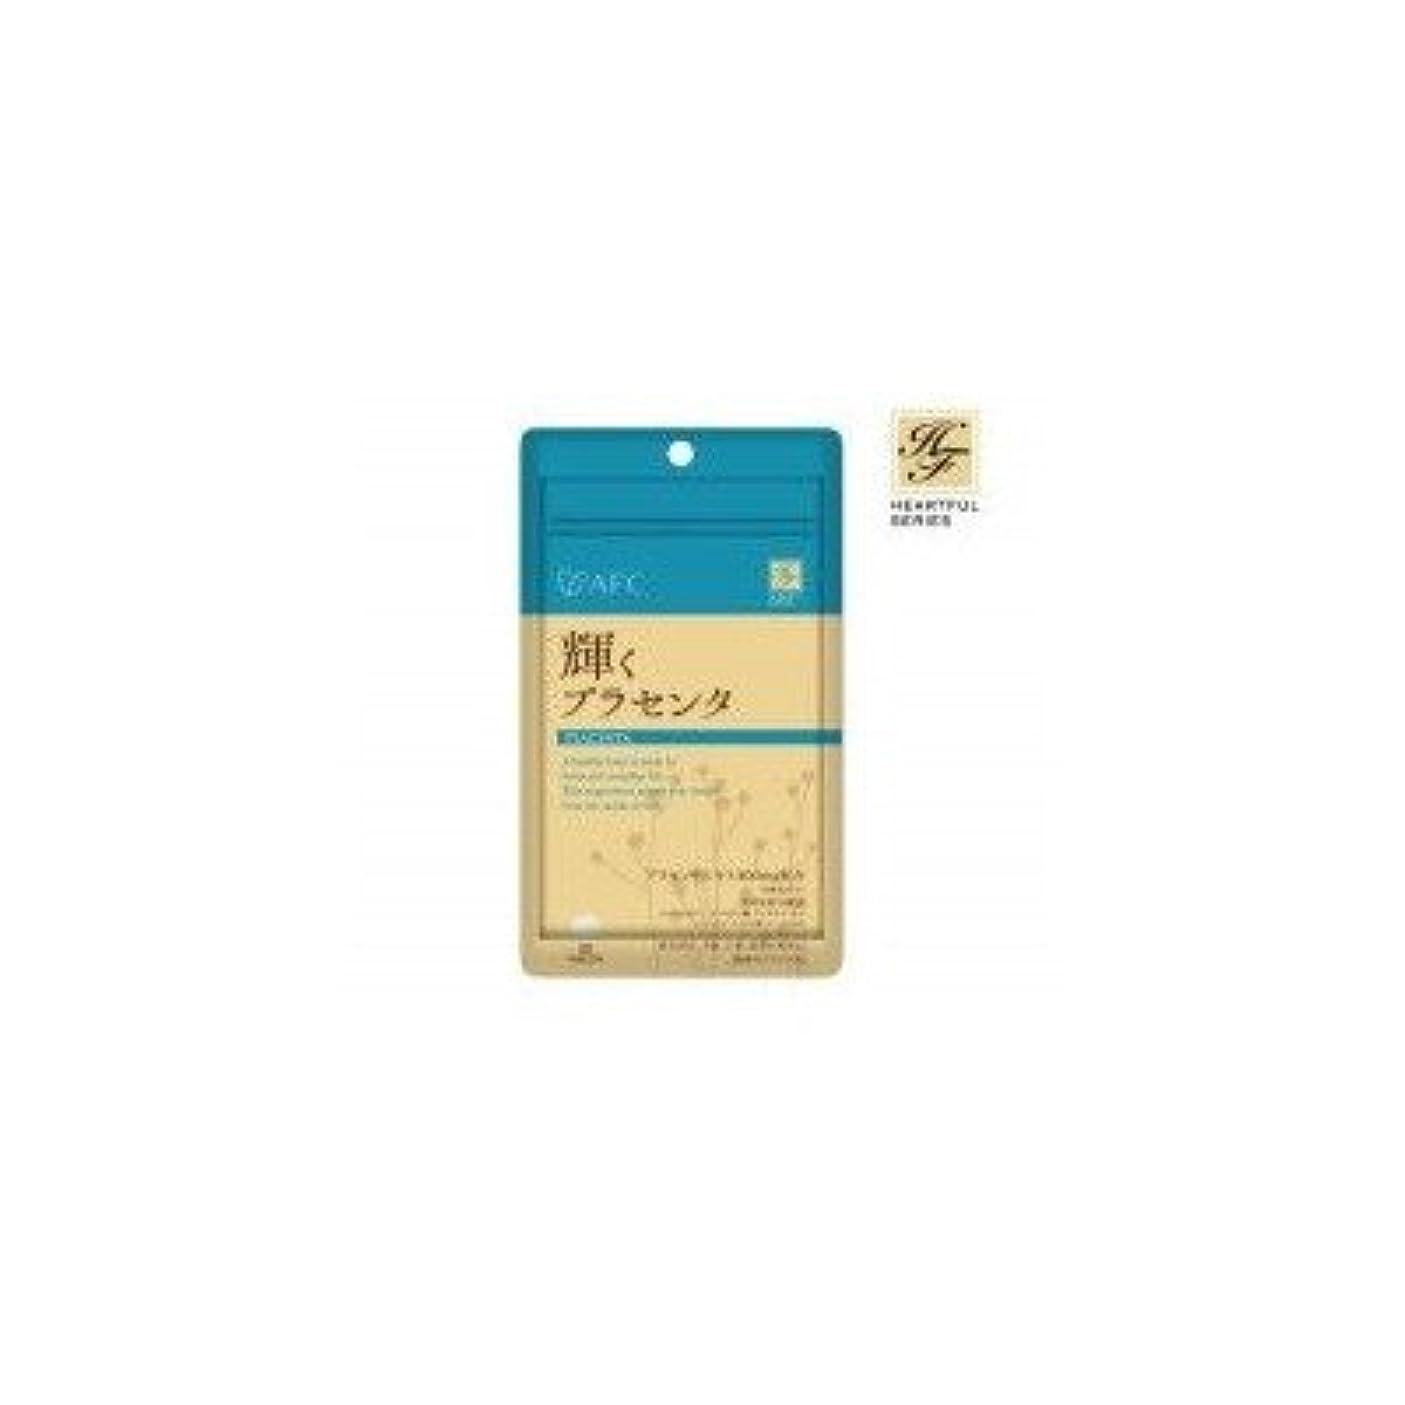 革命的化学者に渡ってAFC(エーエフシー) ハートフルシリーズサプリ 輝くプラセンタ HFS02×6袋